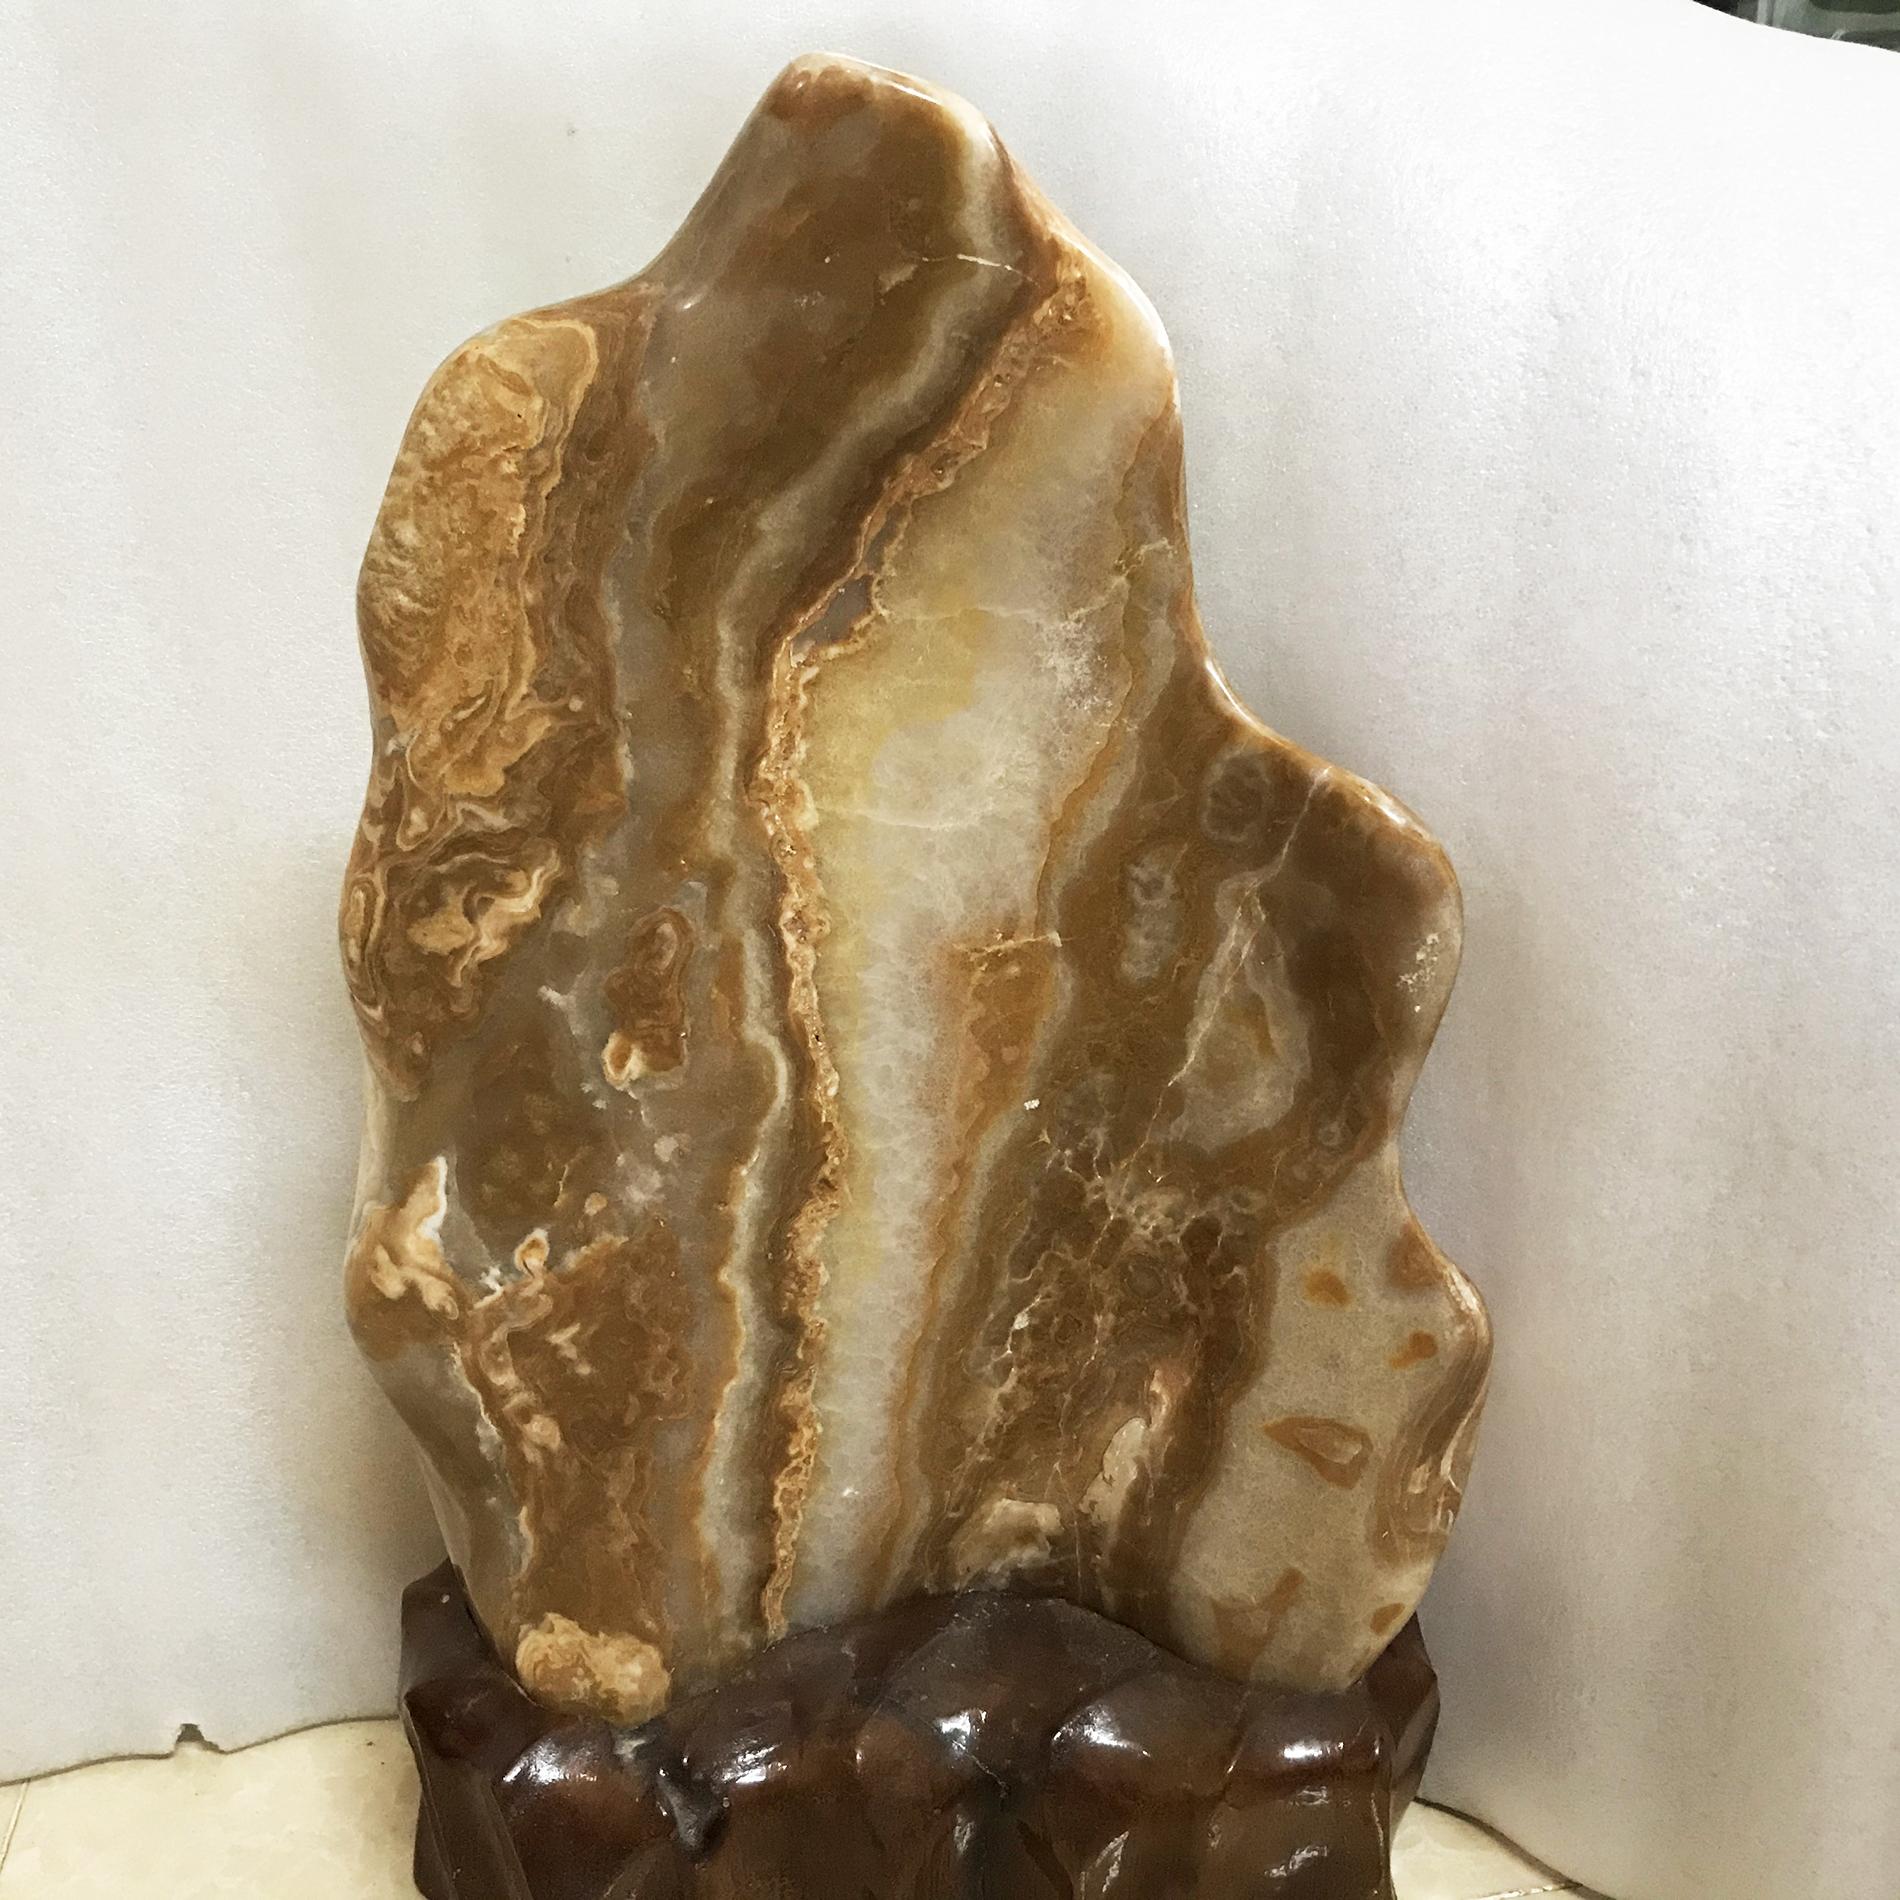 Cây đá màu vàng vân gỗ cao 50 cm, nặng 18 kg cm cho người mệnh Kim và Thổ đá tự nhiên ( tặng chân đế gỗ rừng)